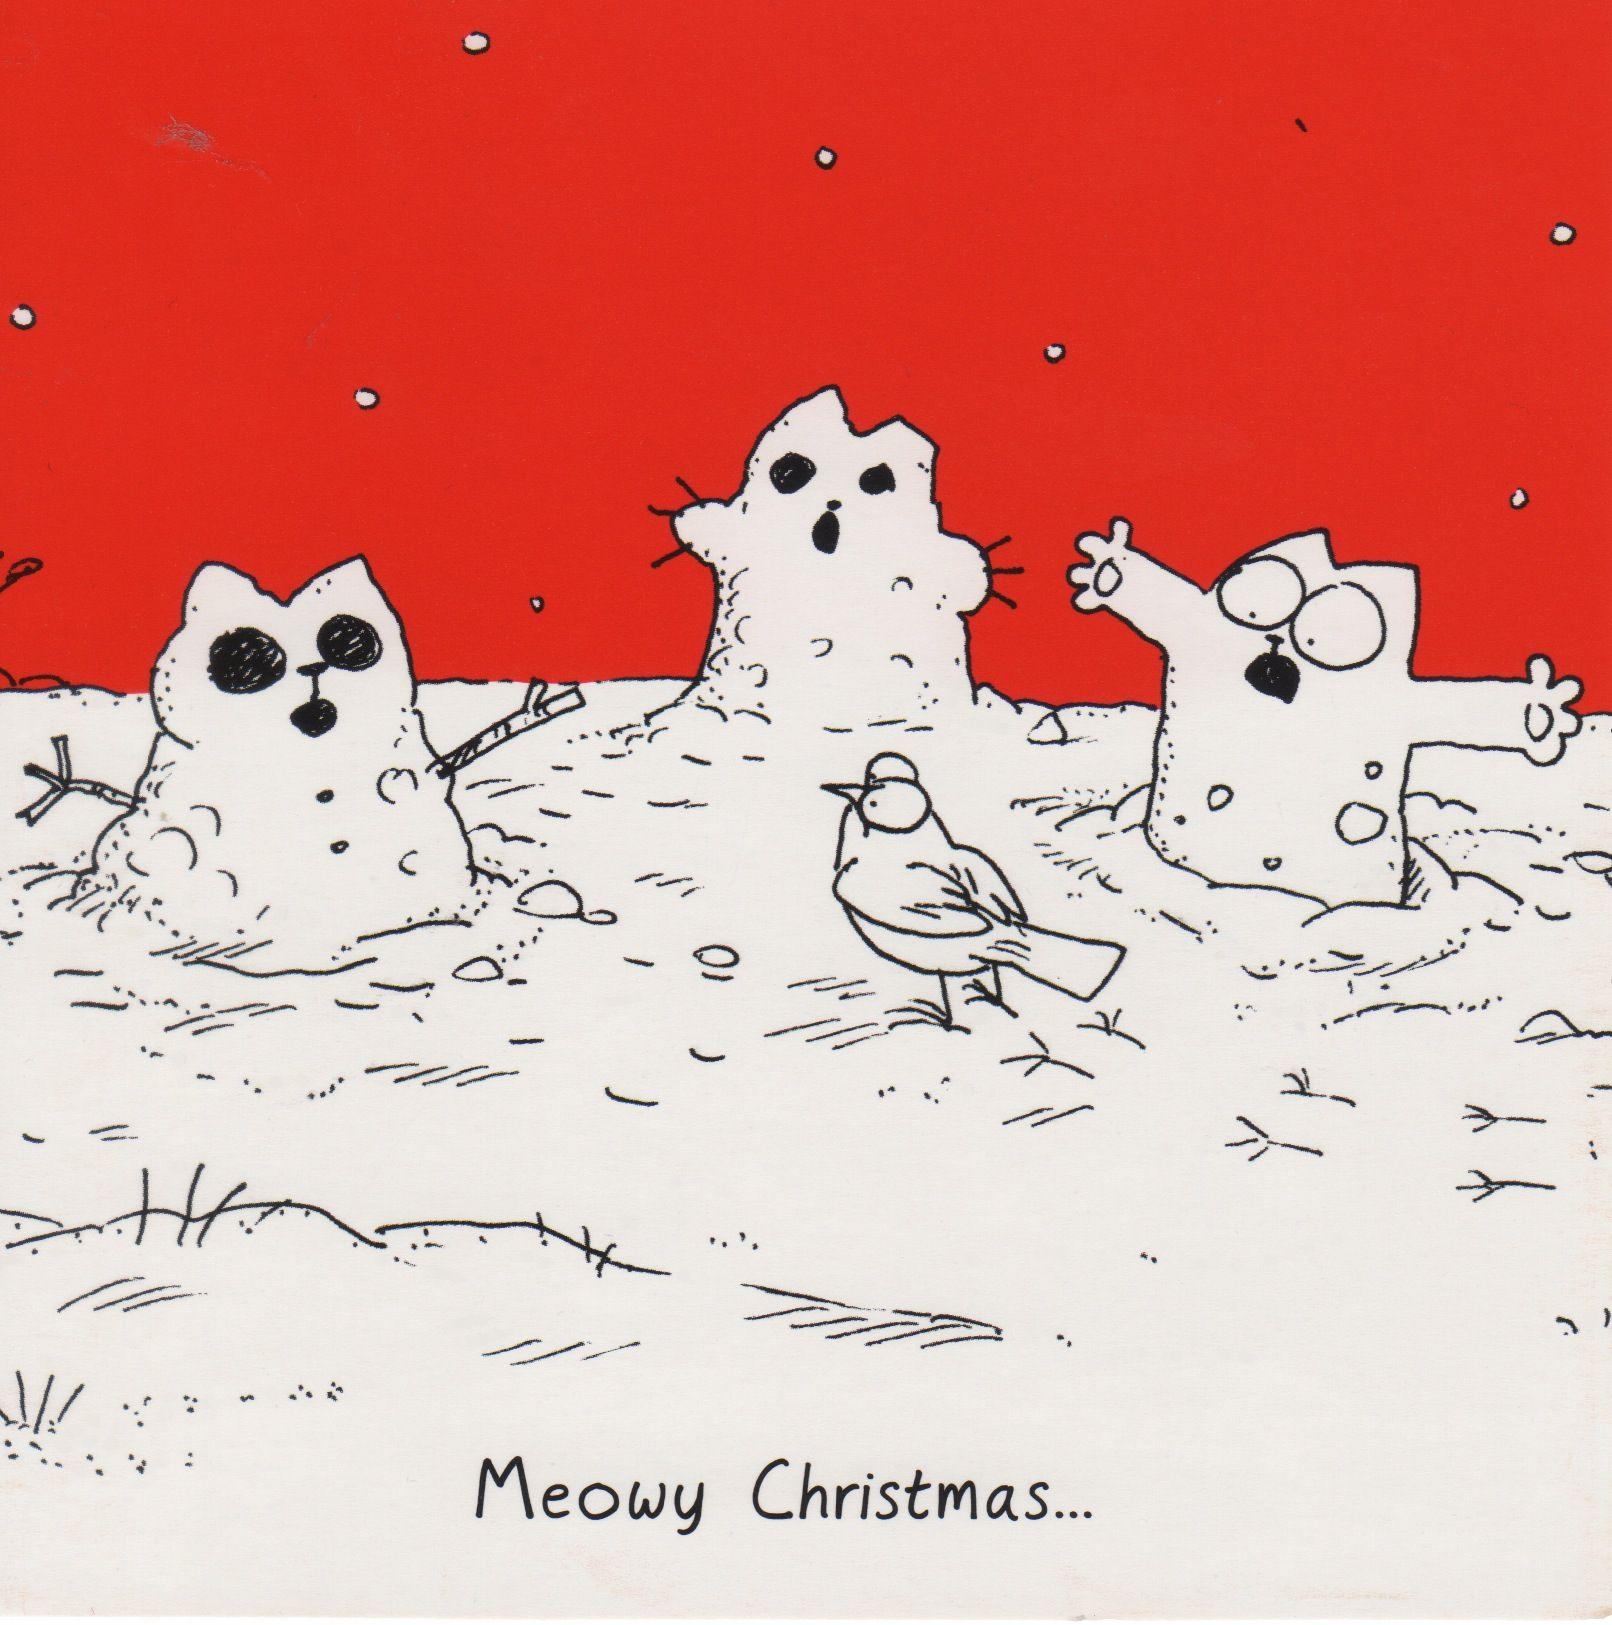 Christmas Card  Simons Cat Snowman